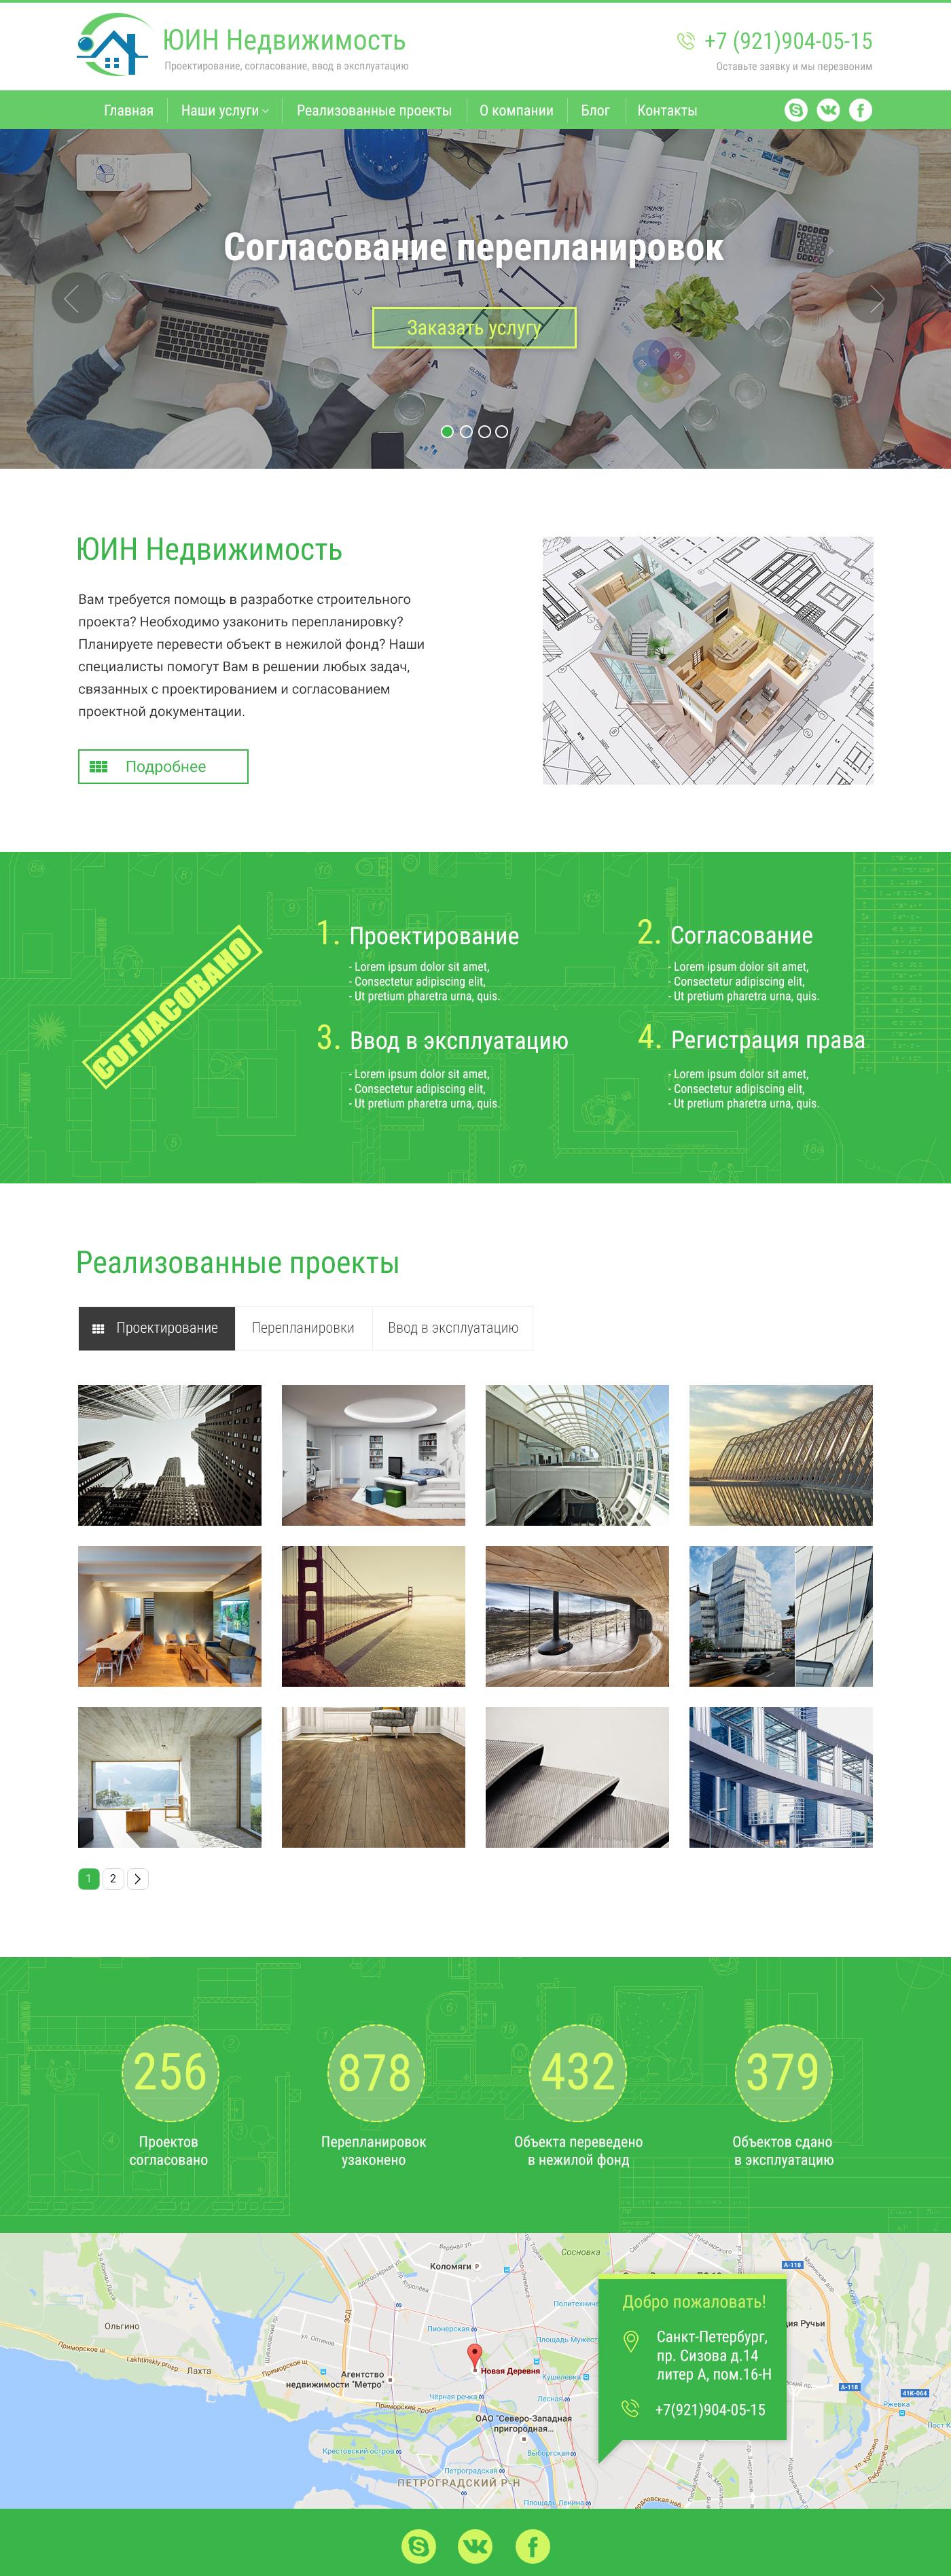 Проектная компания